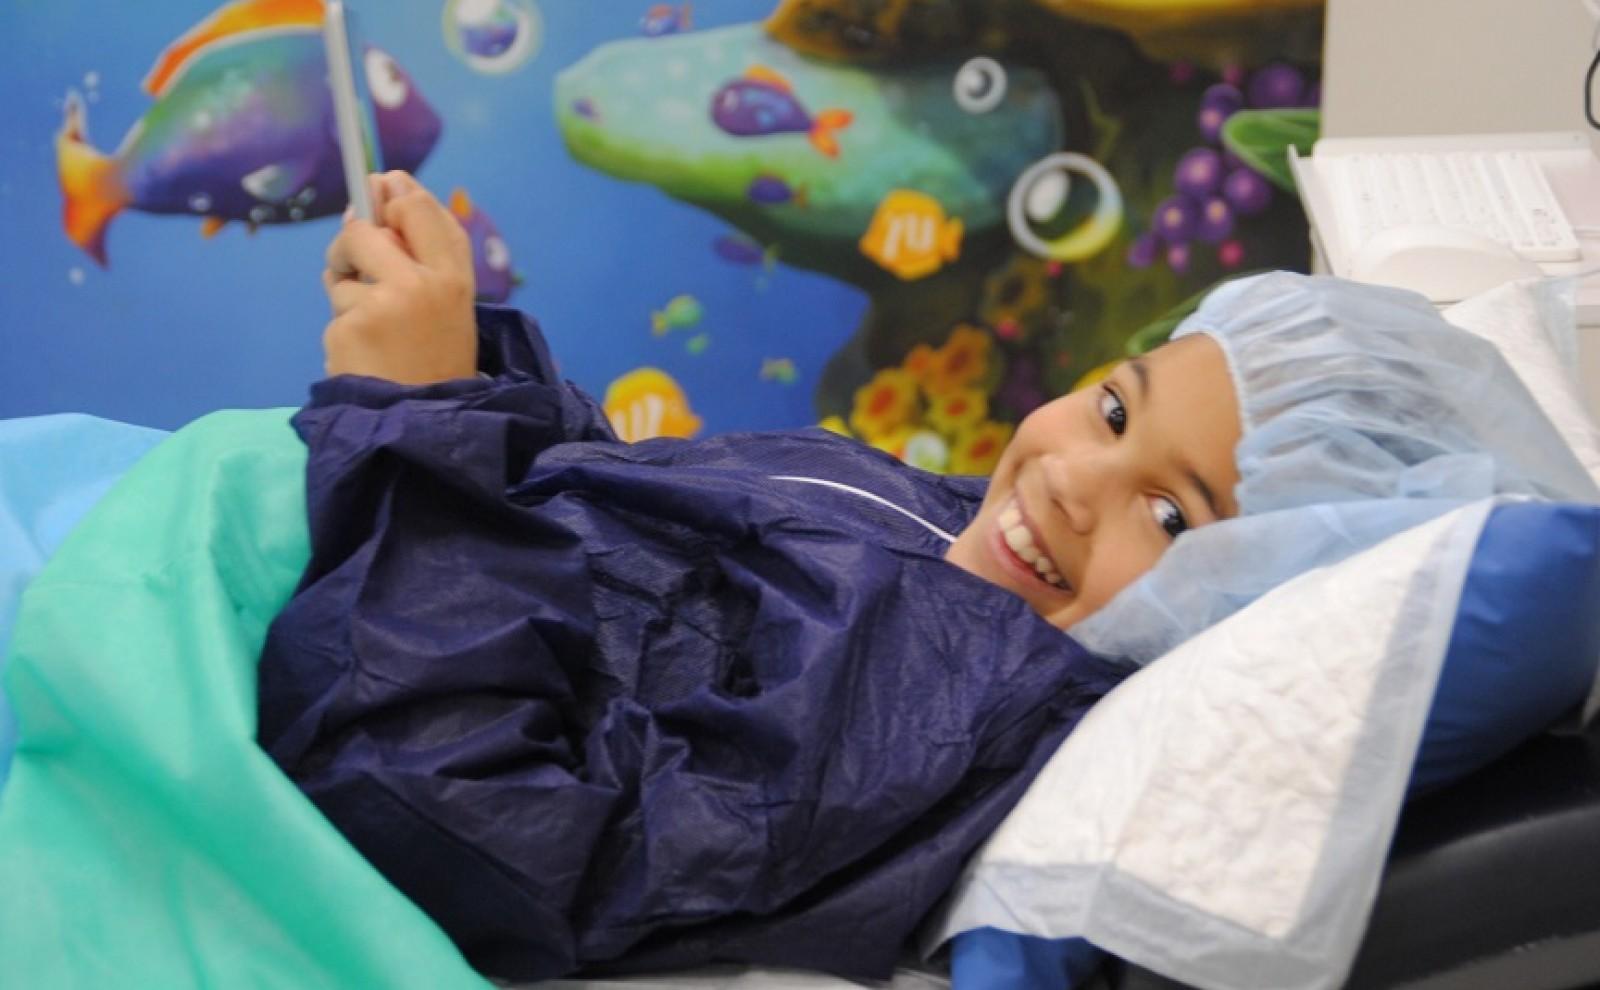 meisje ligt  met smartphone in ziekenhuisbed